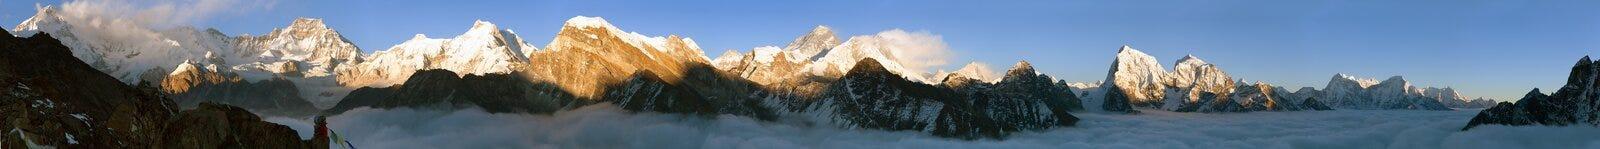 Взгляд Mount Everest, Lhotse, Makalu и Cho Oyu стоковые фото